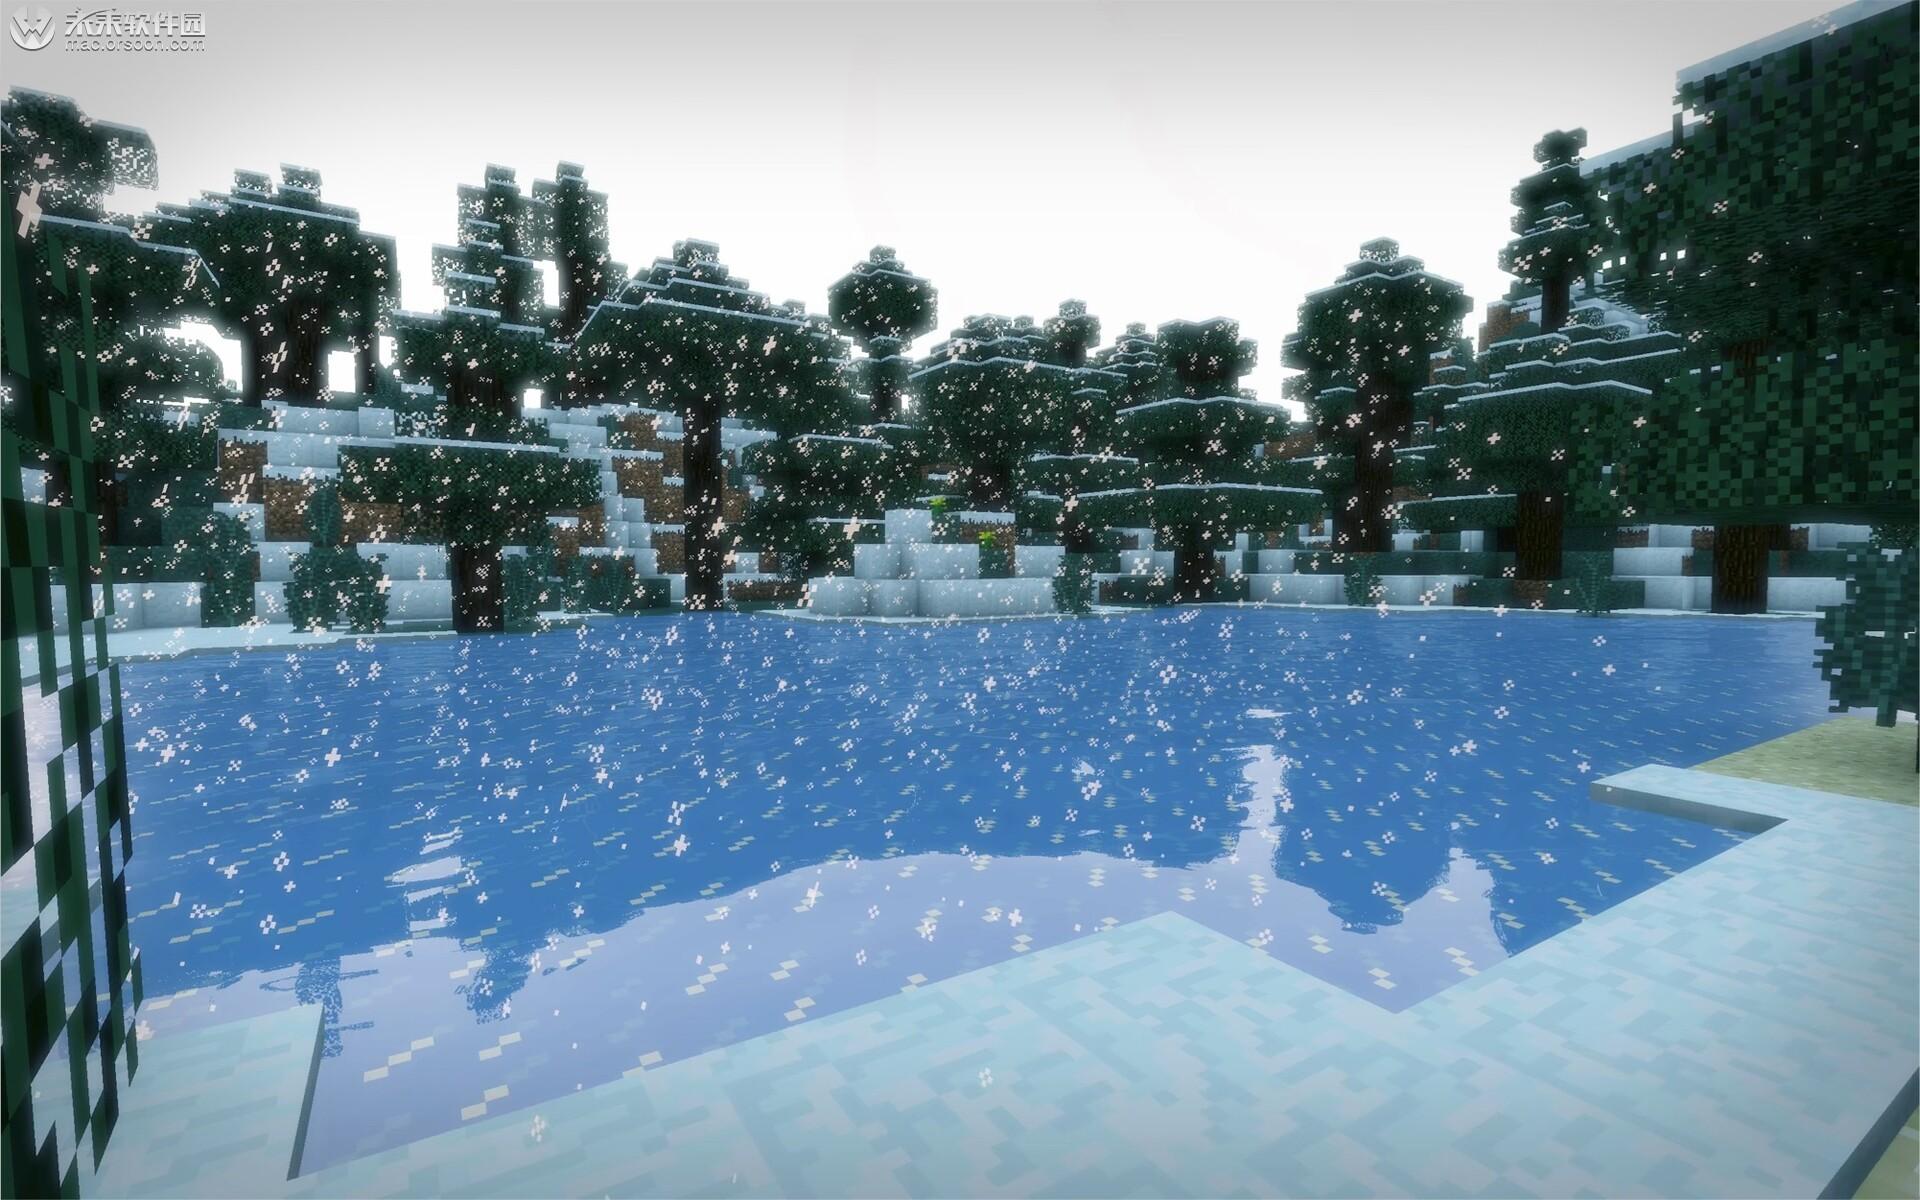 我的世界下雪天风景Mac动态壁纸